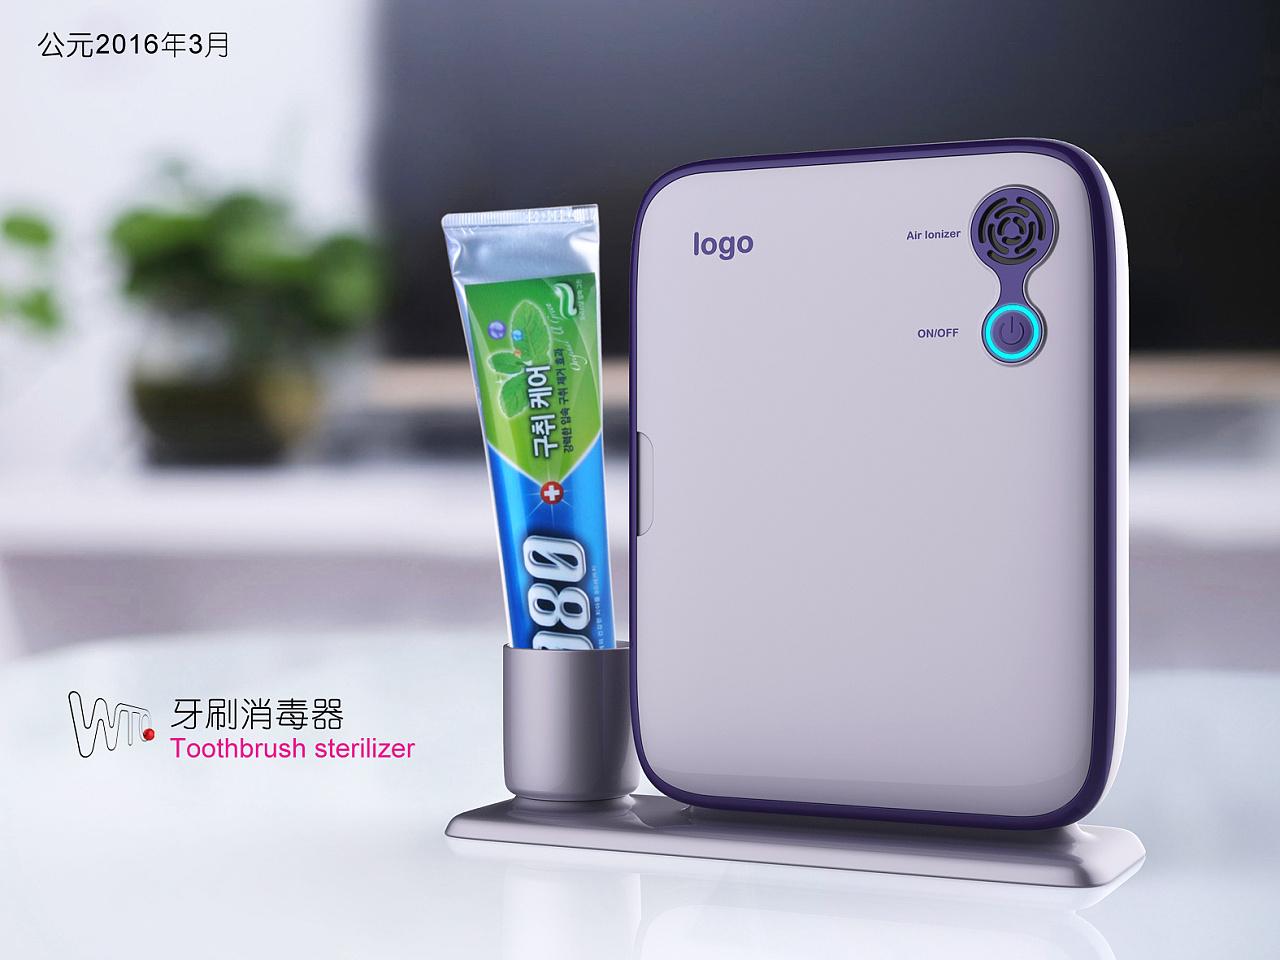 韩国牙刷消毒器_牙刷消毒器|工业/产品|电子产品|黑仔工设 - 原创作品 - 站酷 (ZCOOL)